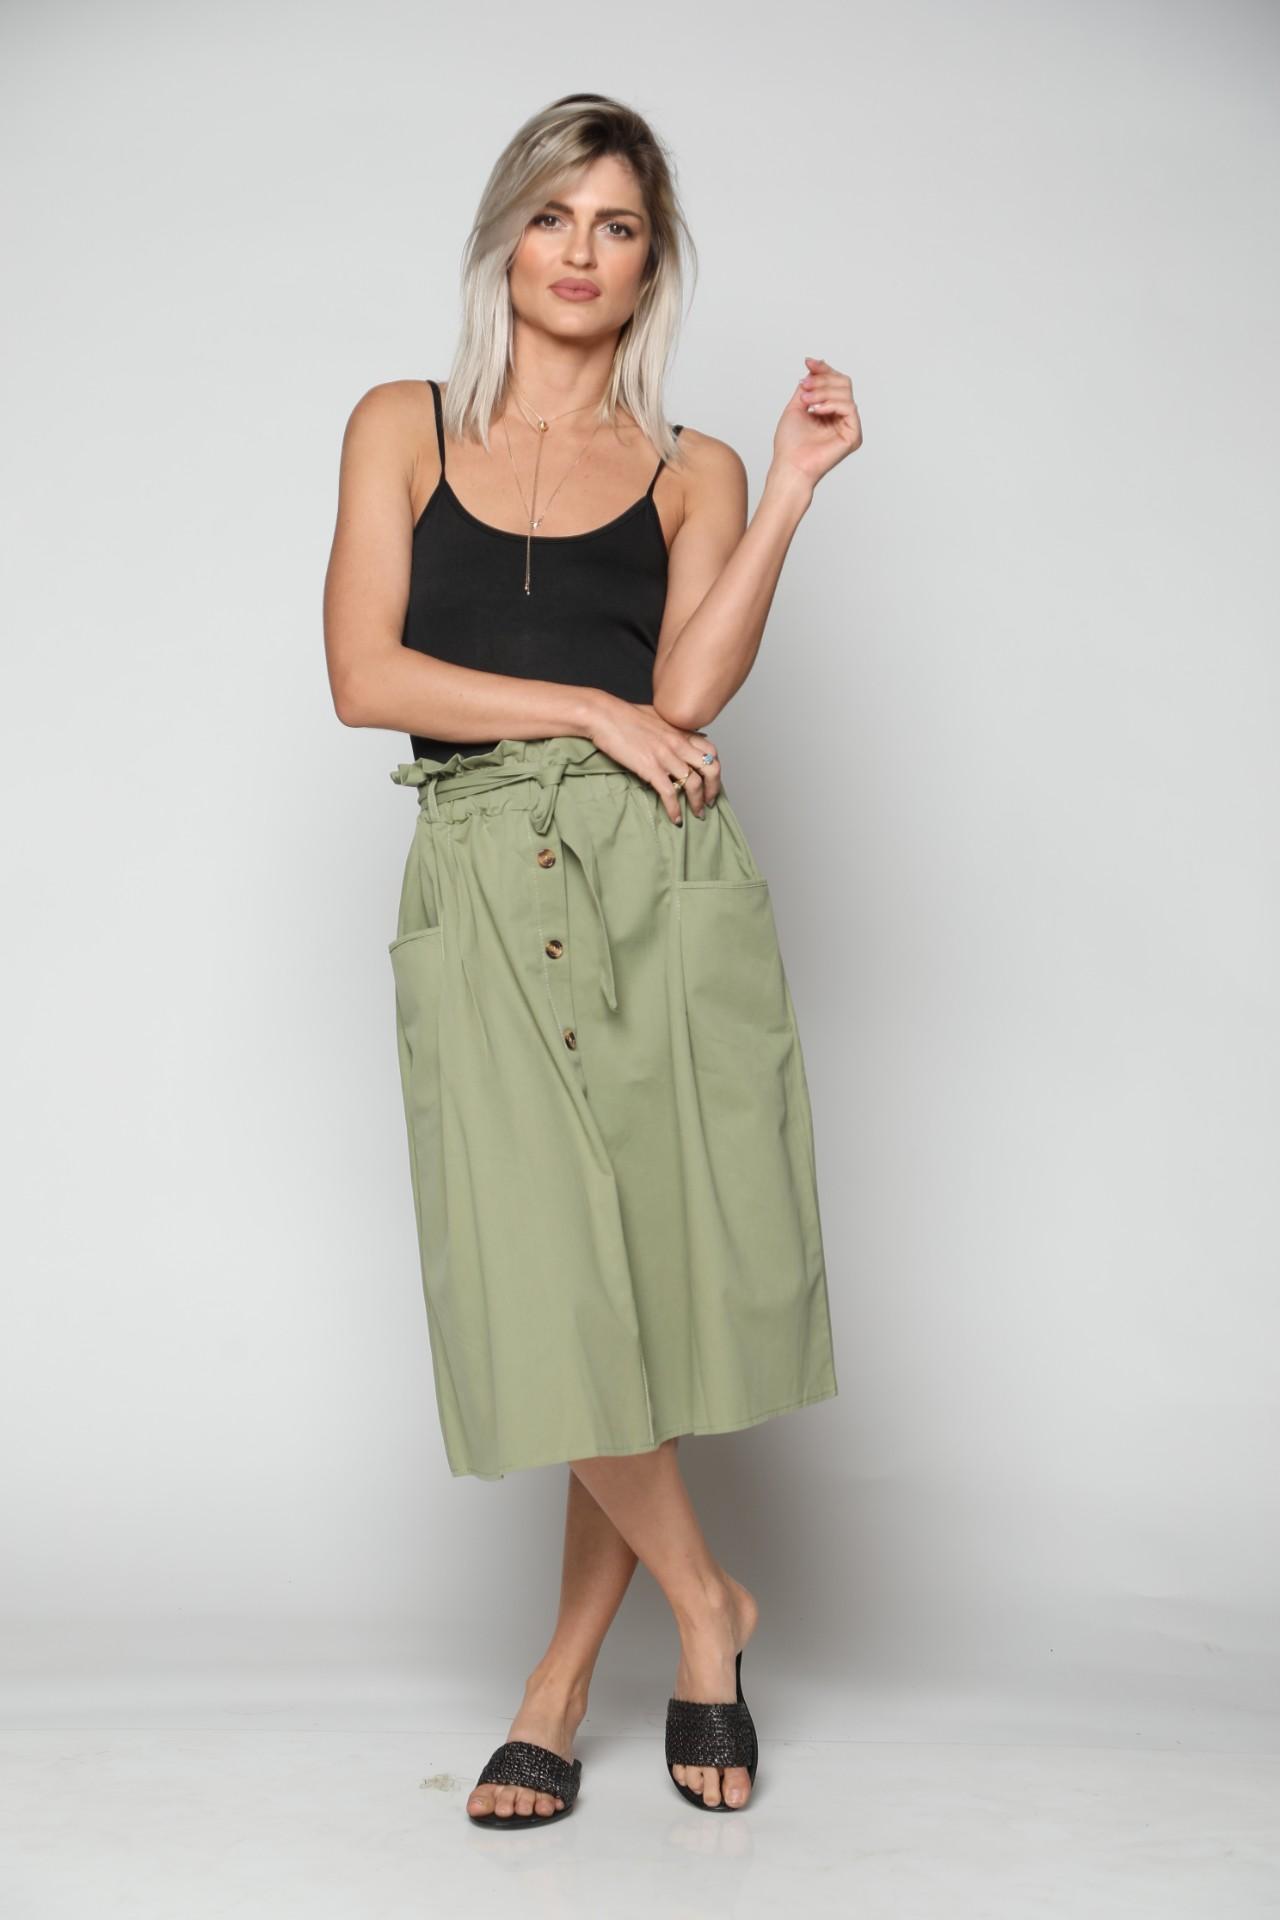 חצאית נשים מעוצבת שילוב כפתורים זית